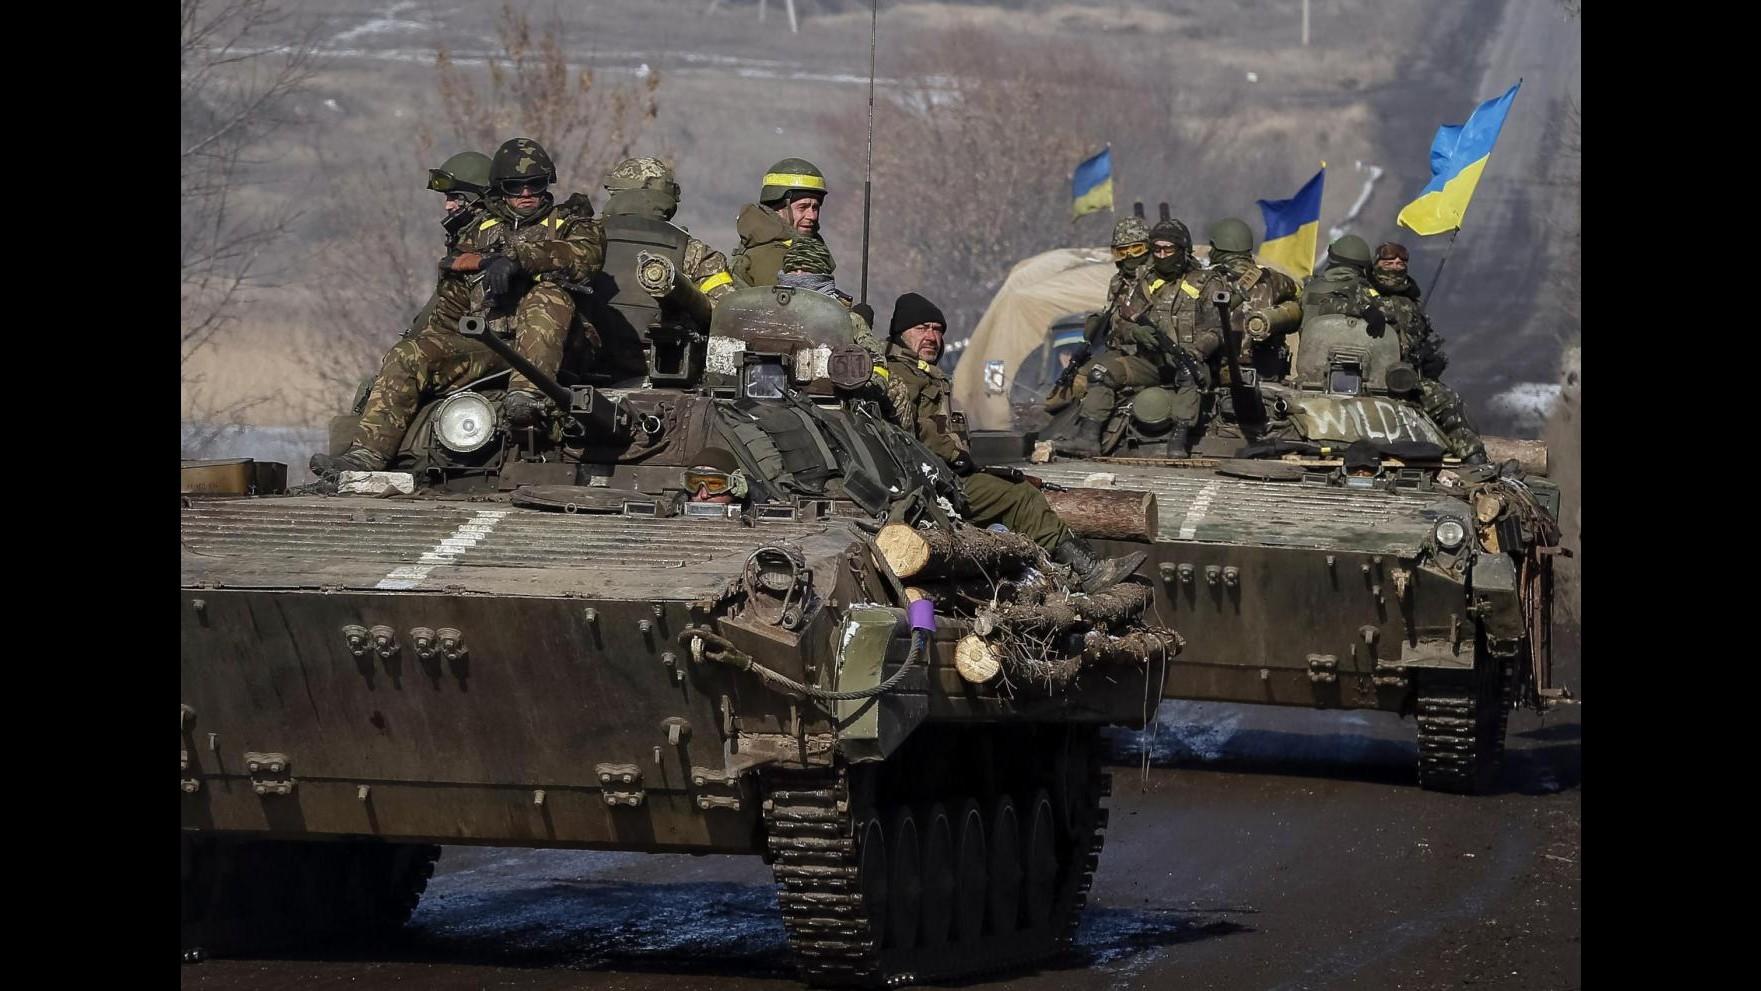 Ucraina, 8 soldati morti in scontri con filorussi in ultime 24 ore